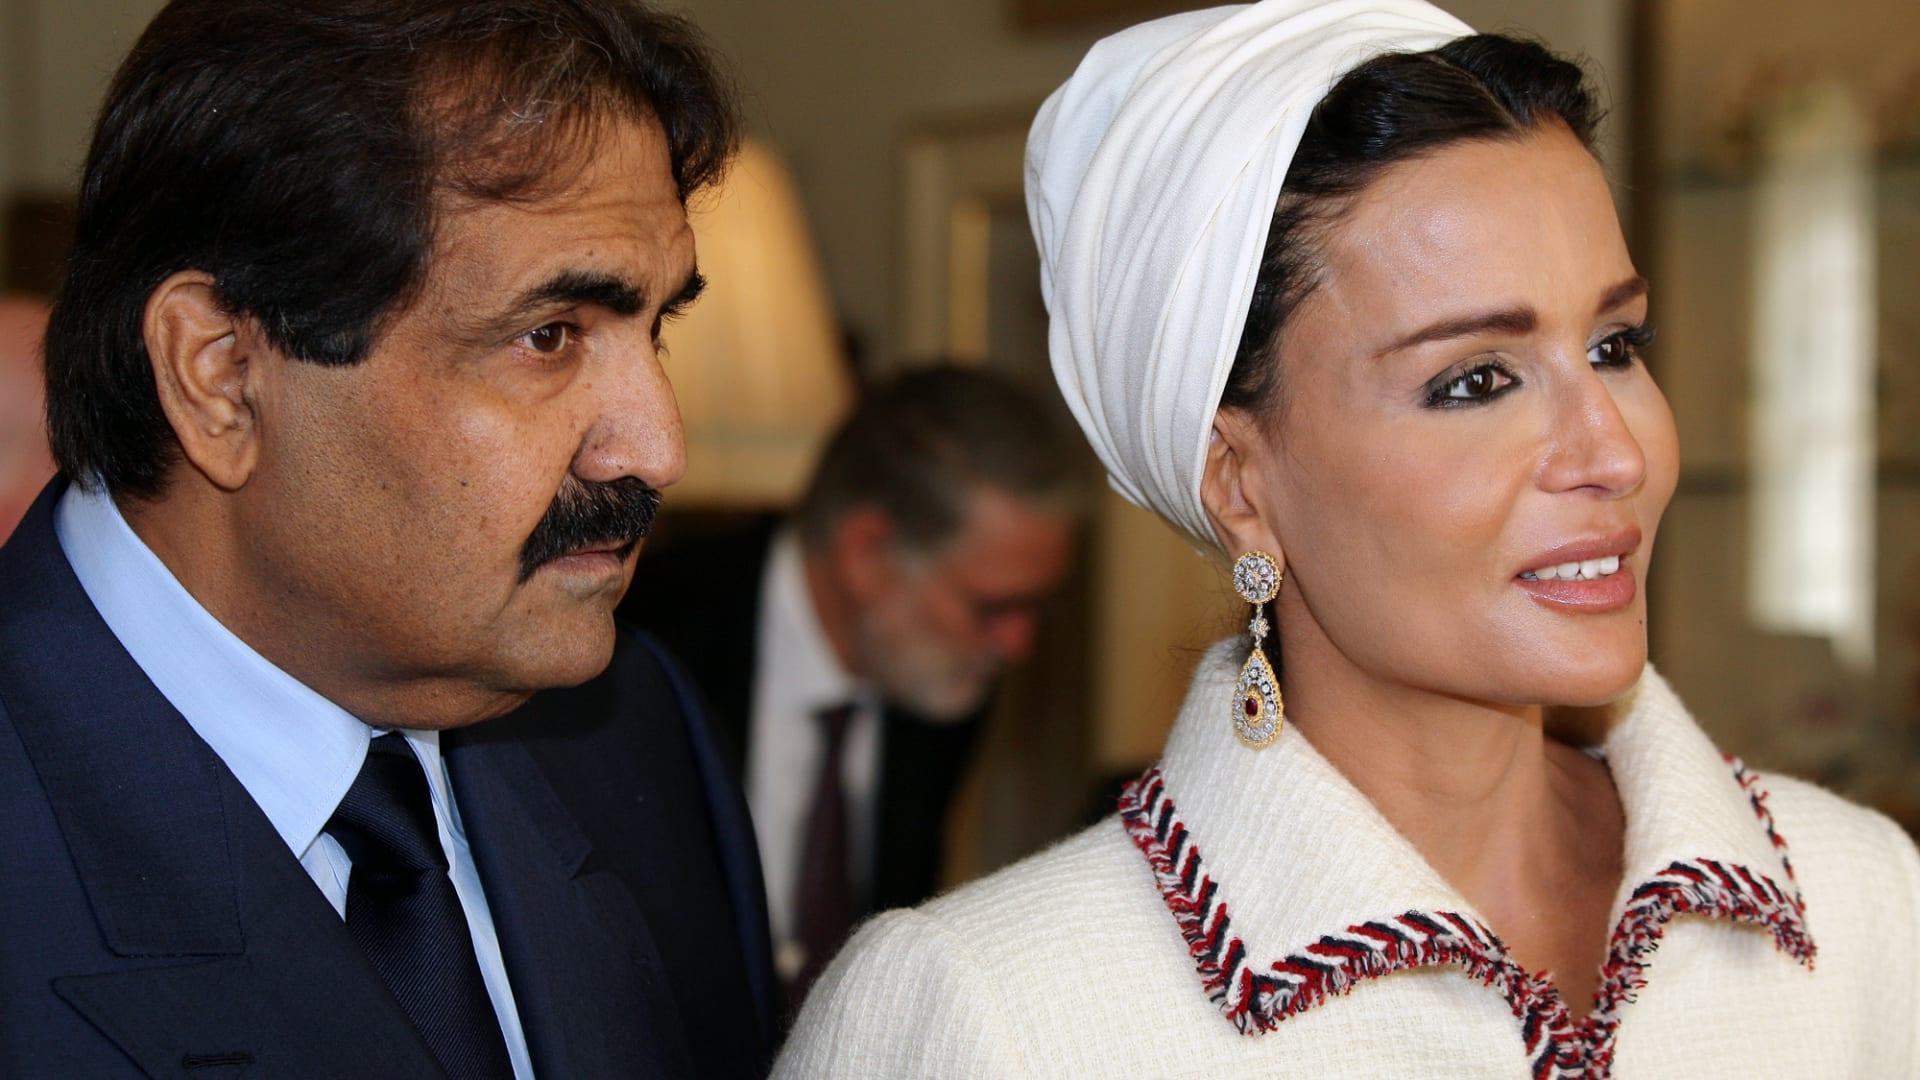 صورة ارشيفية لأمير قطر الوالد ووزوجته الشيخة موزا في لندن العام 2010